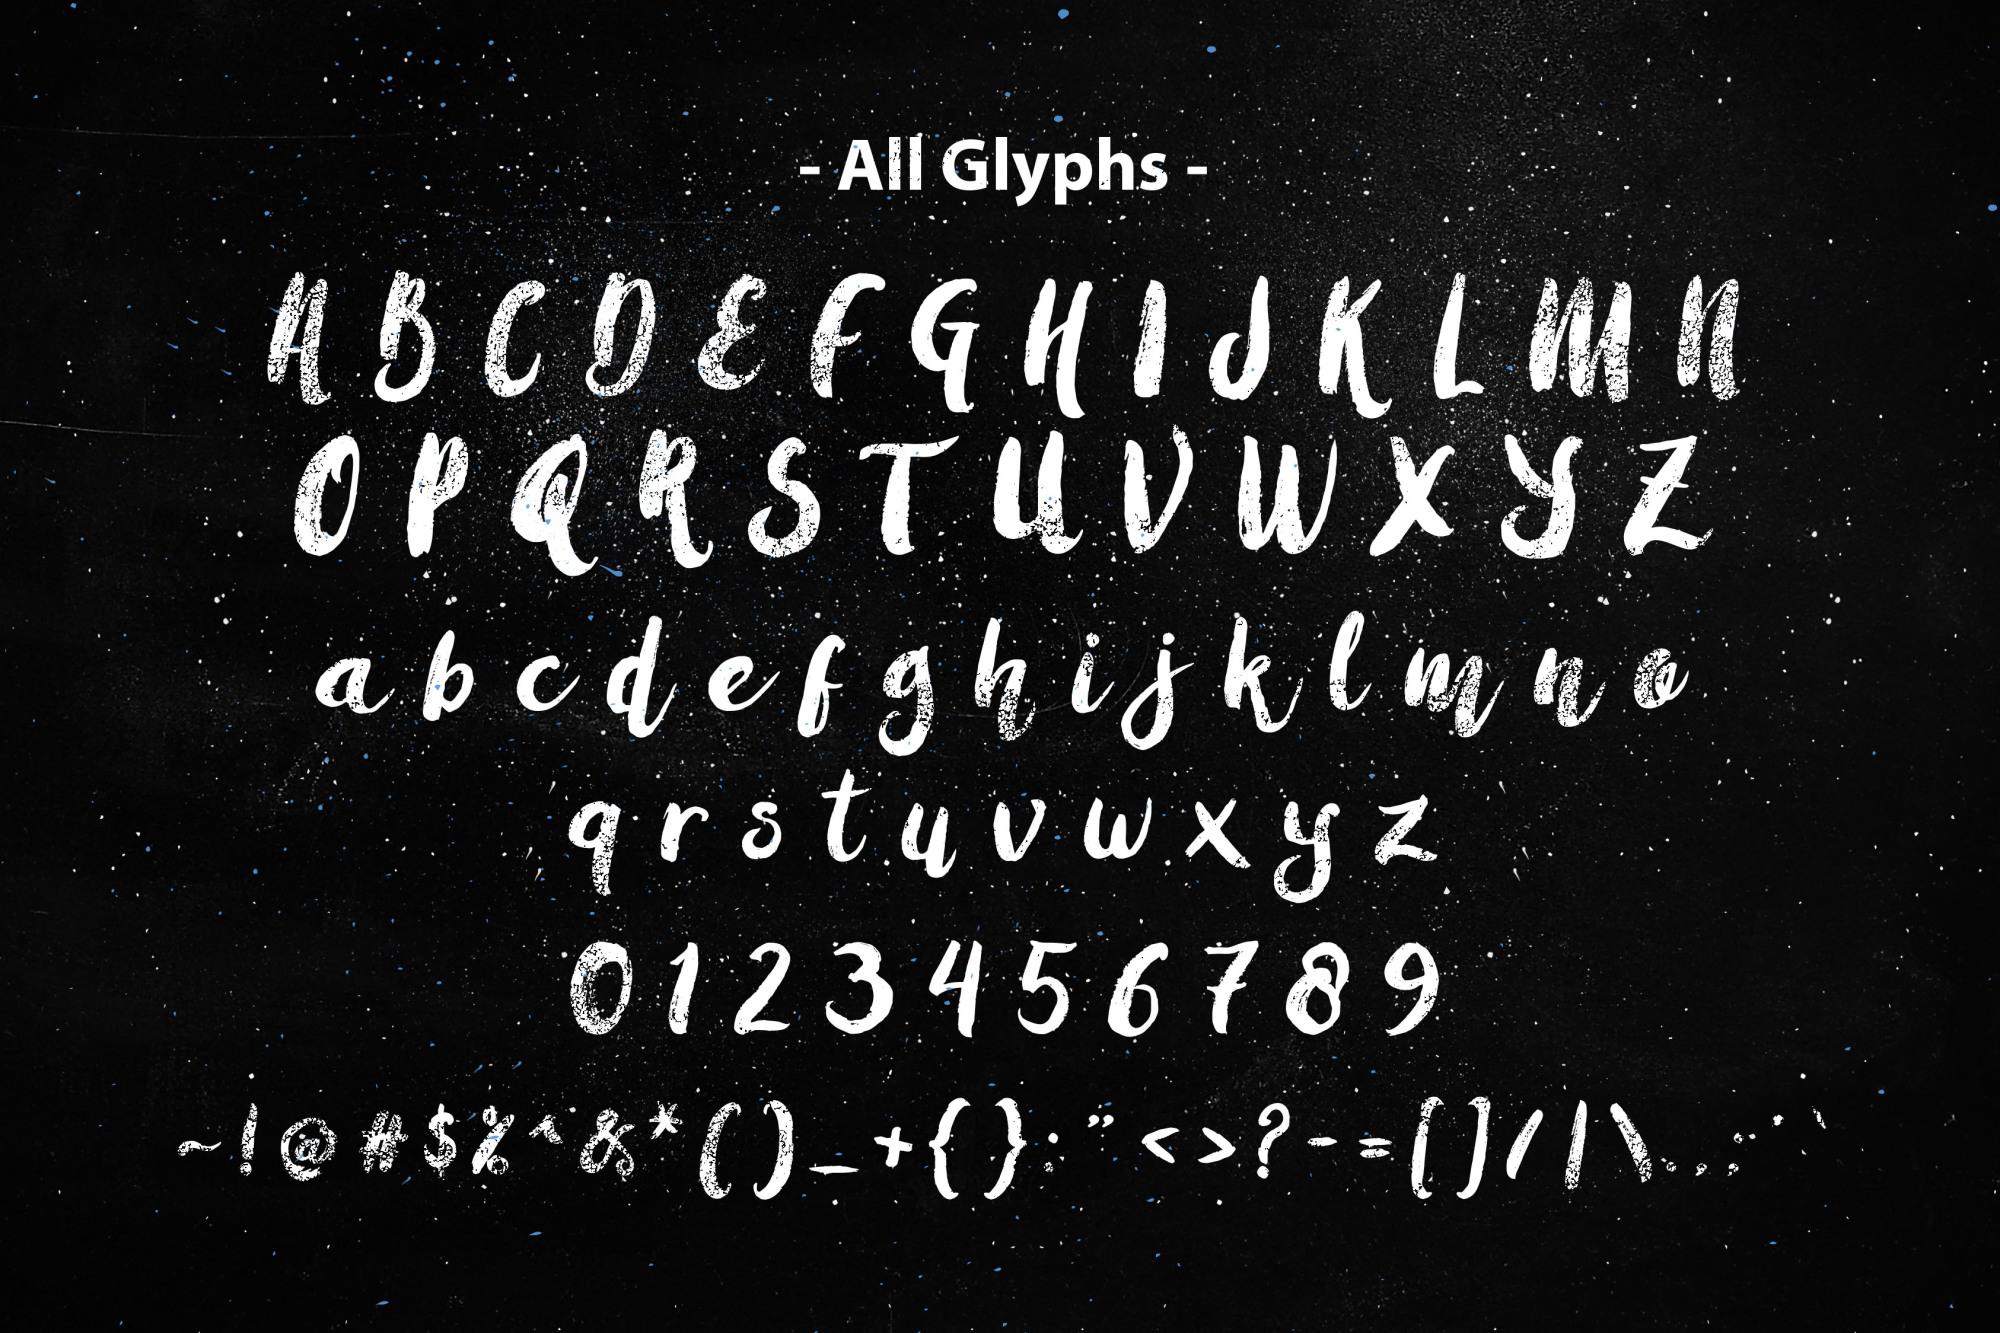 All Glyphs